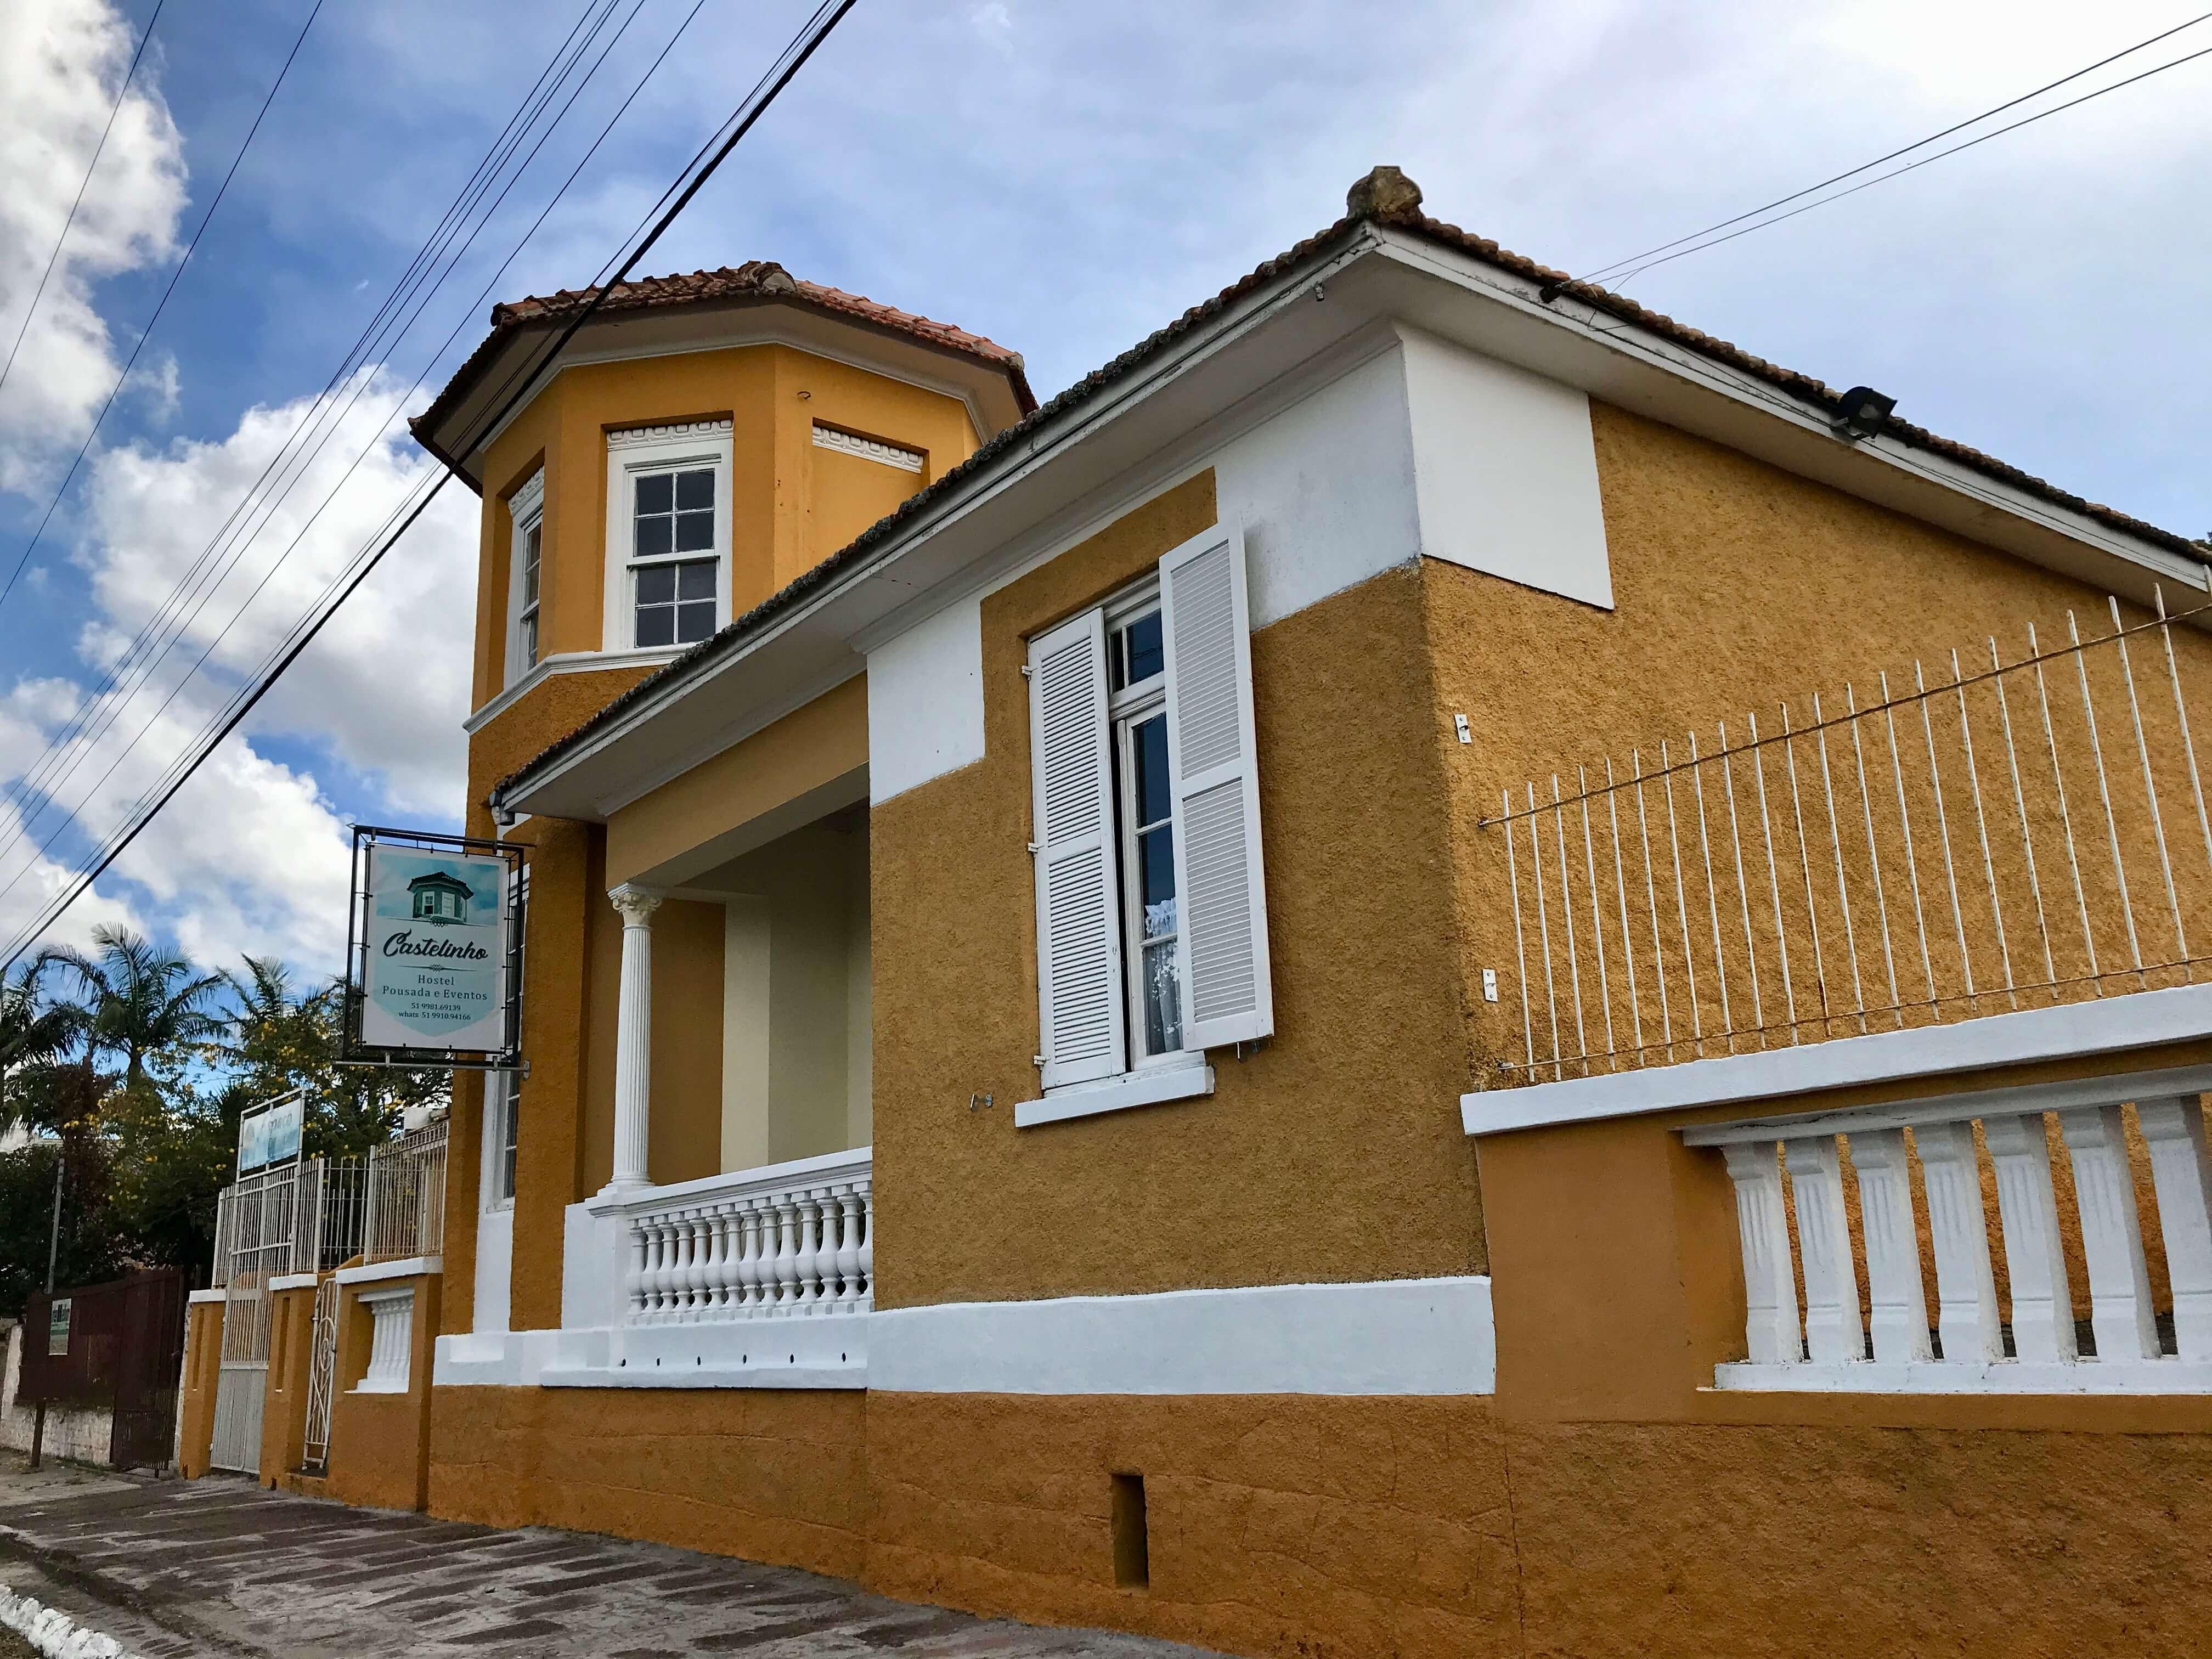 fachada do hostel castelinho